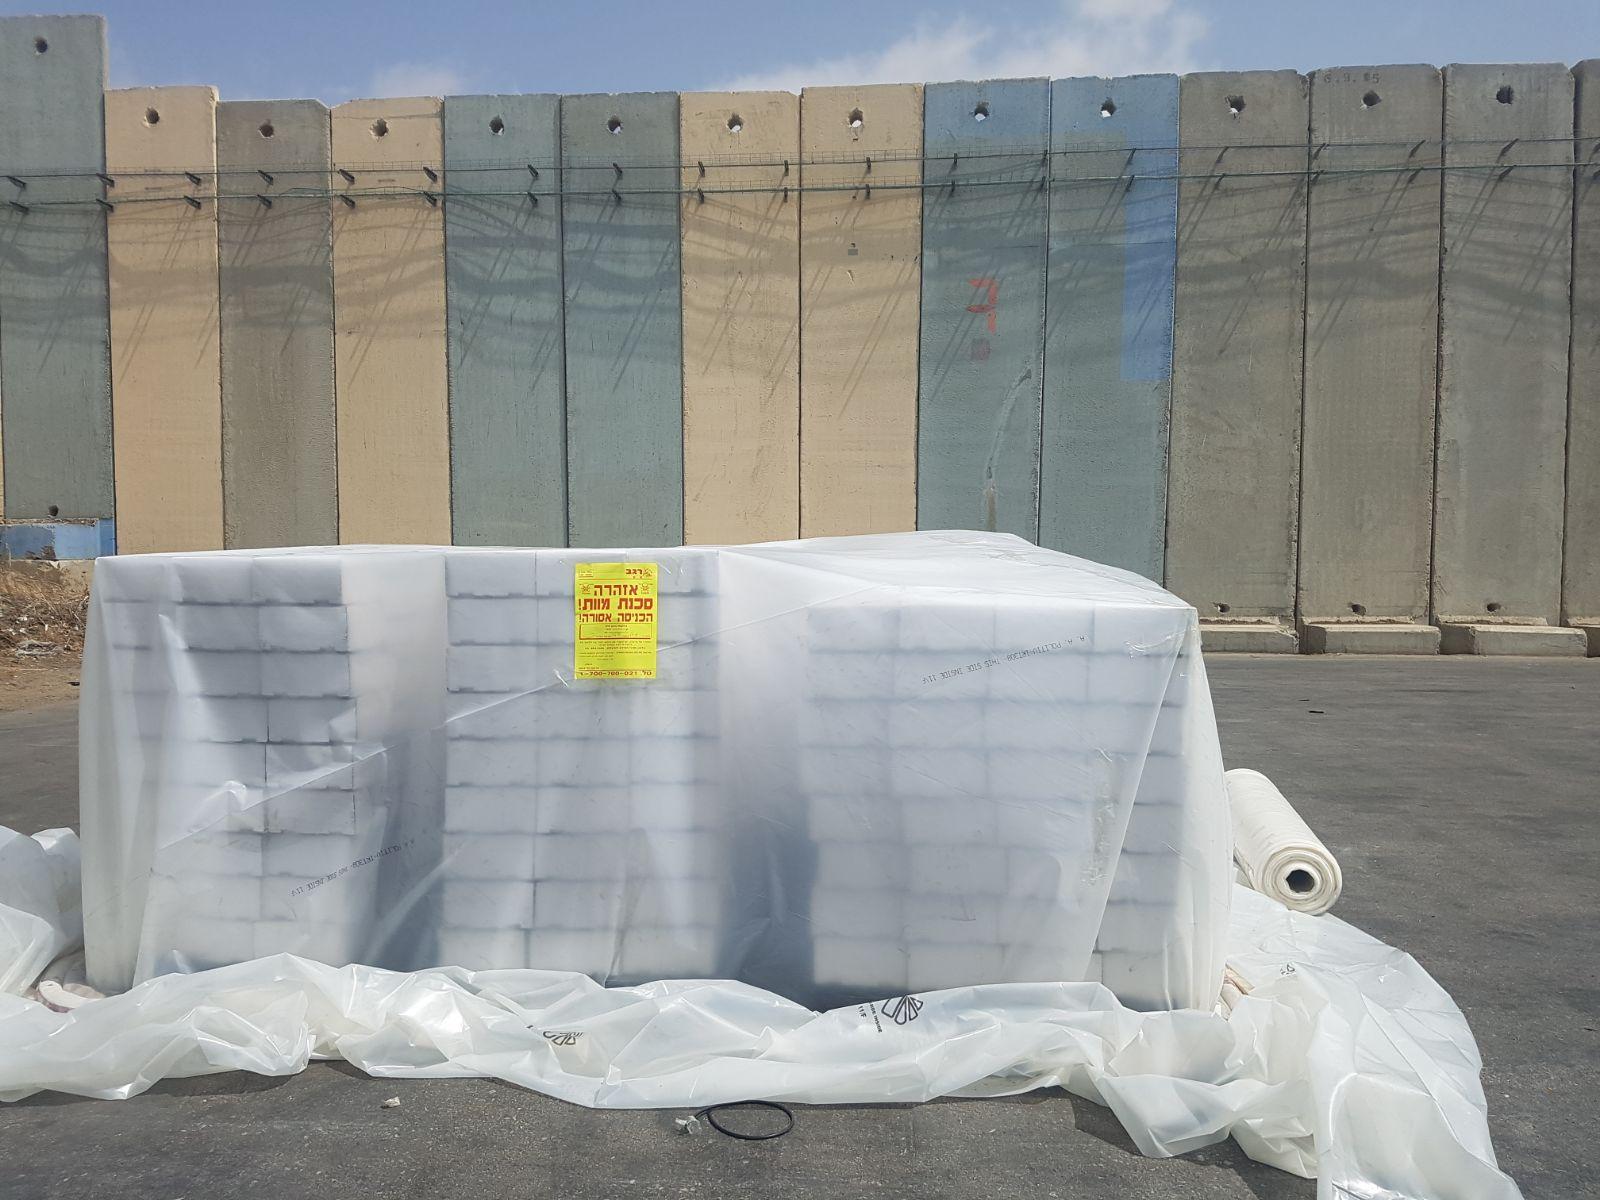 משלוח לולבים במעבר כרם שלום (צילום: רשות המעברים במשרד הביטחון)